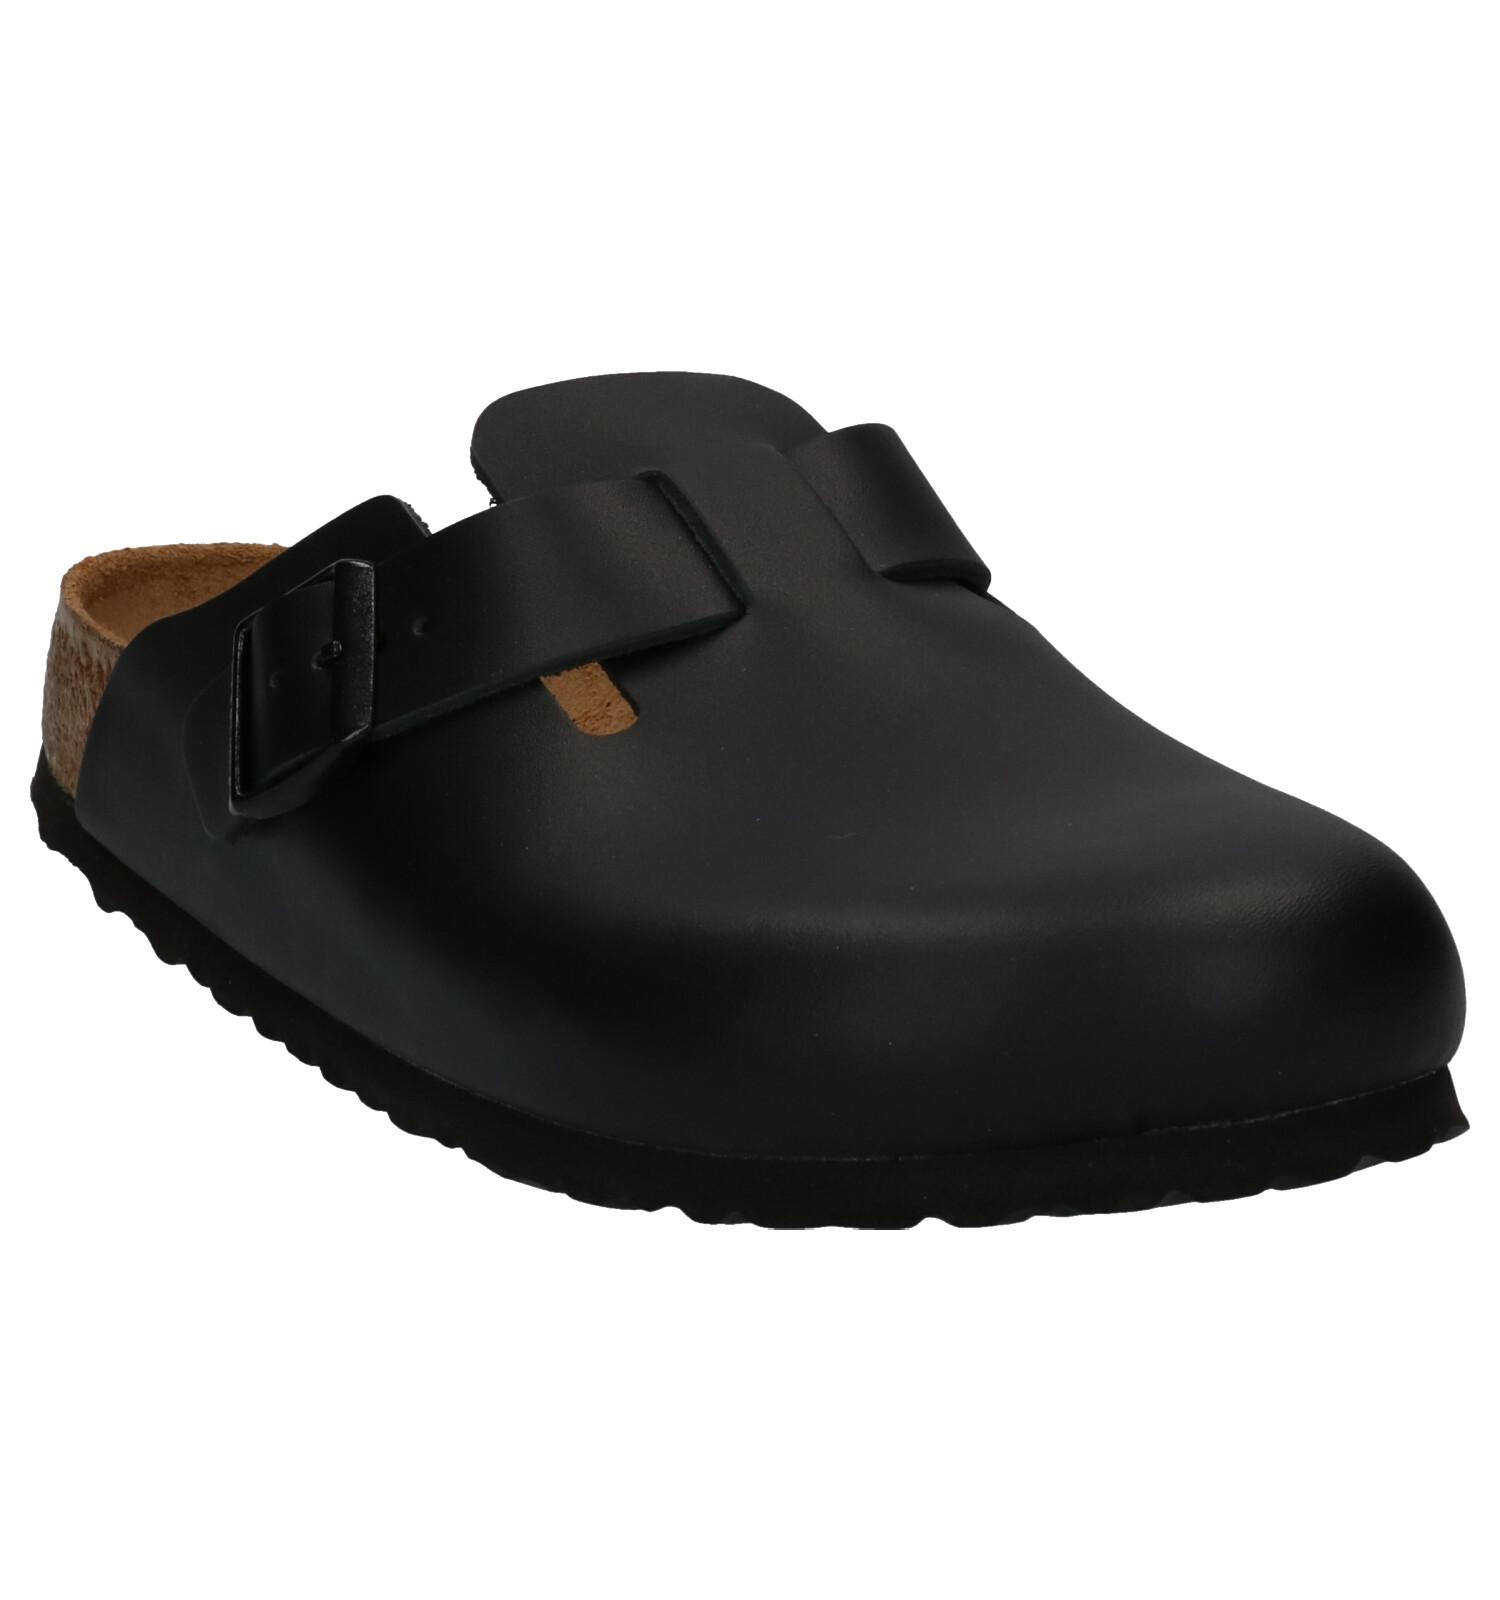 Zwarte Zwarte Slippers Birkenstock Birkenstock Birkenstock Slippers Boston Boston NwvO8n0m